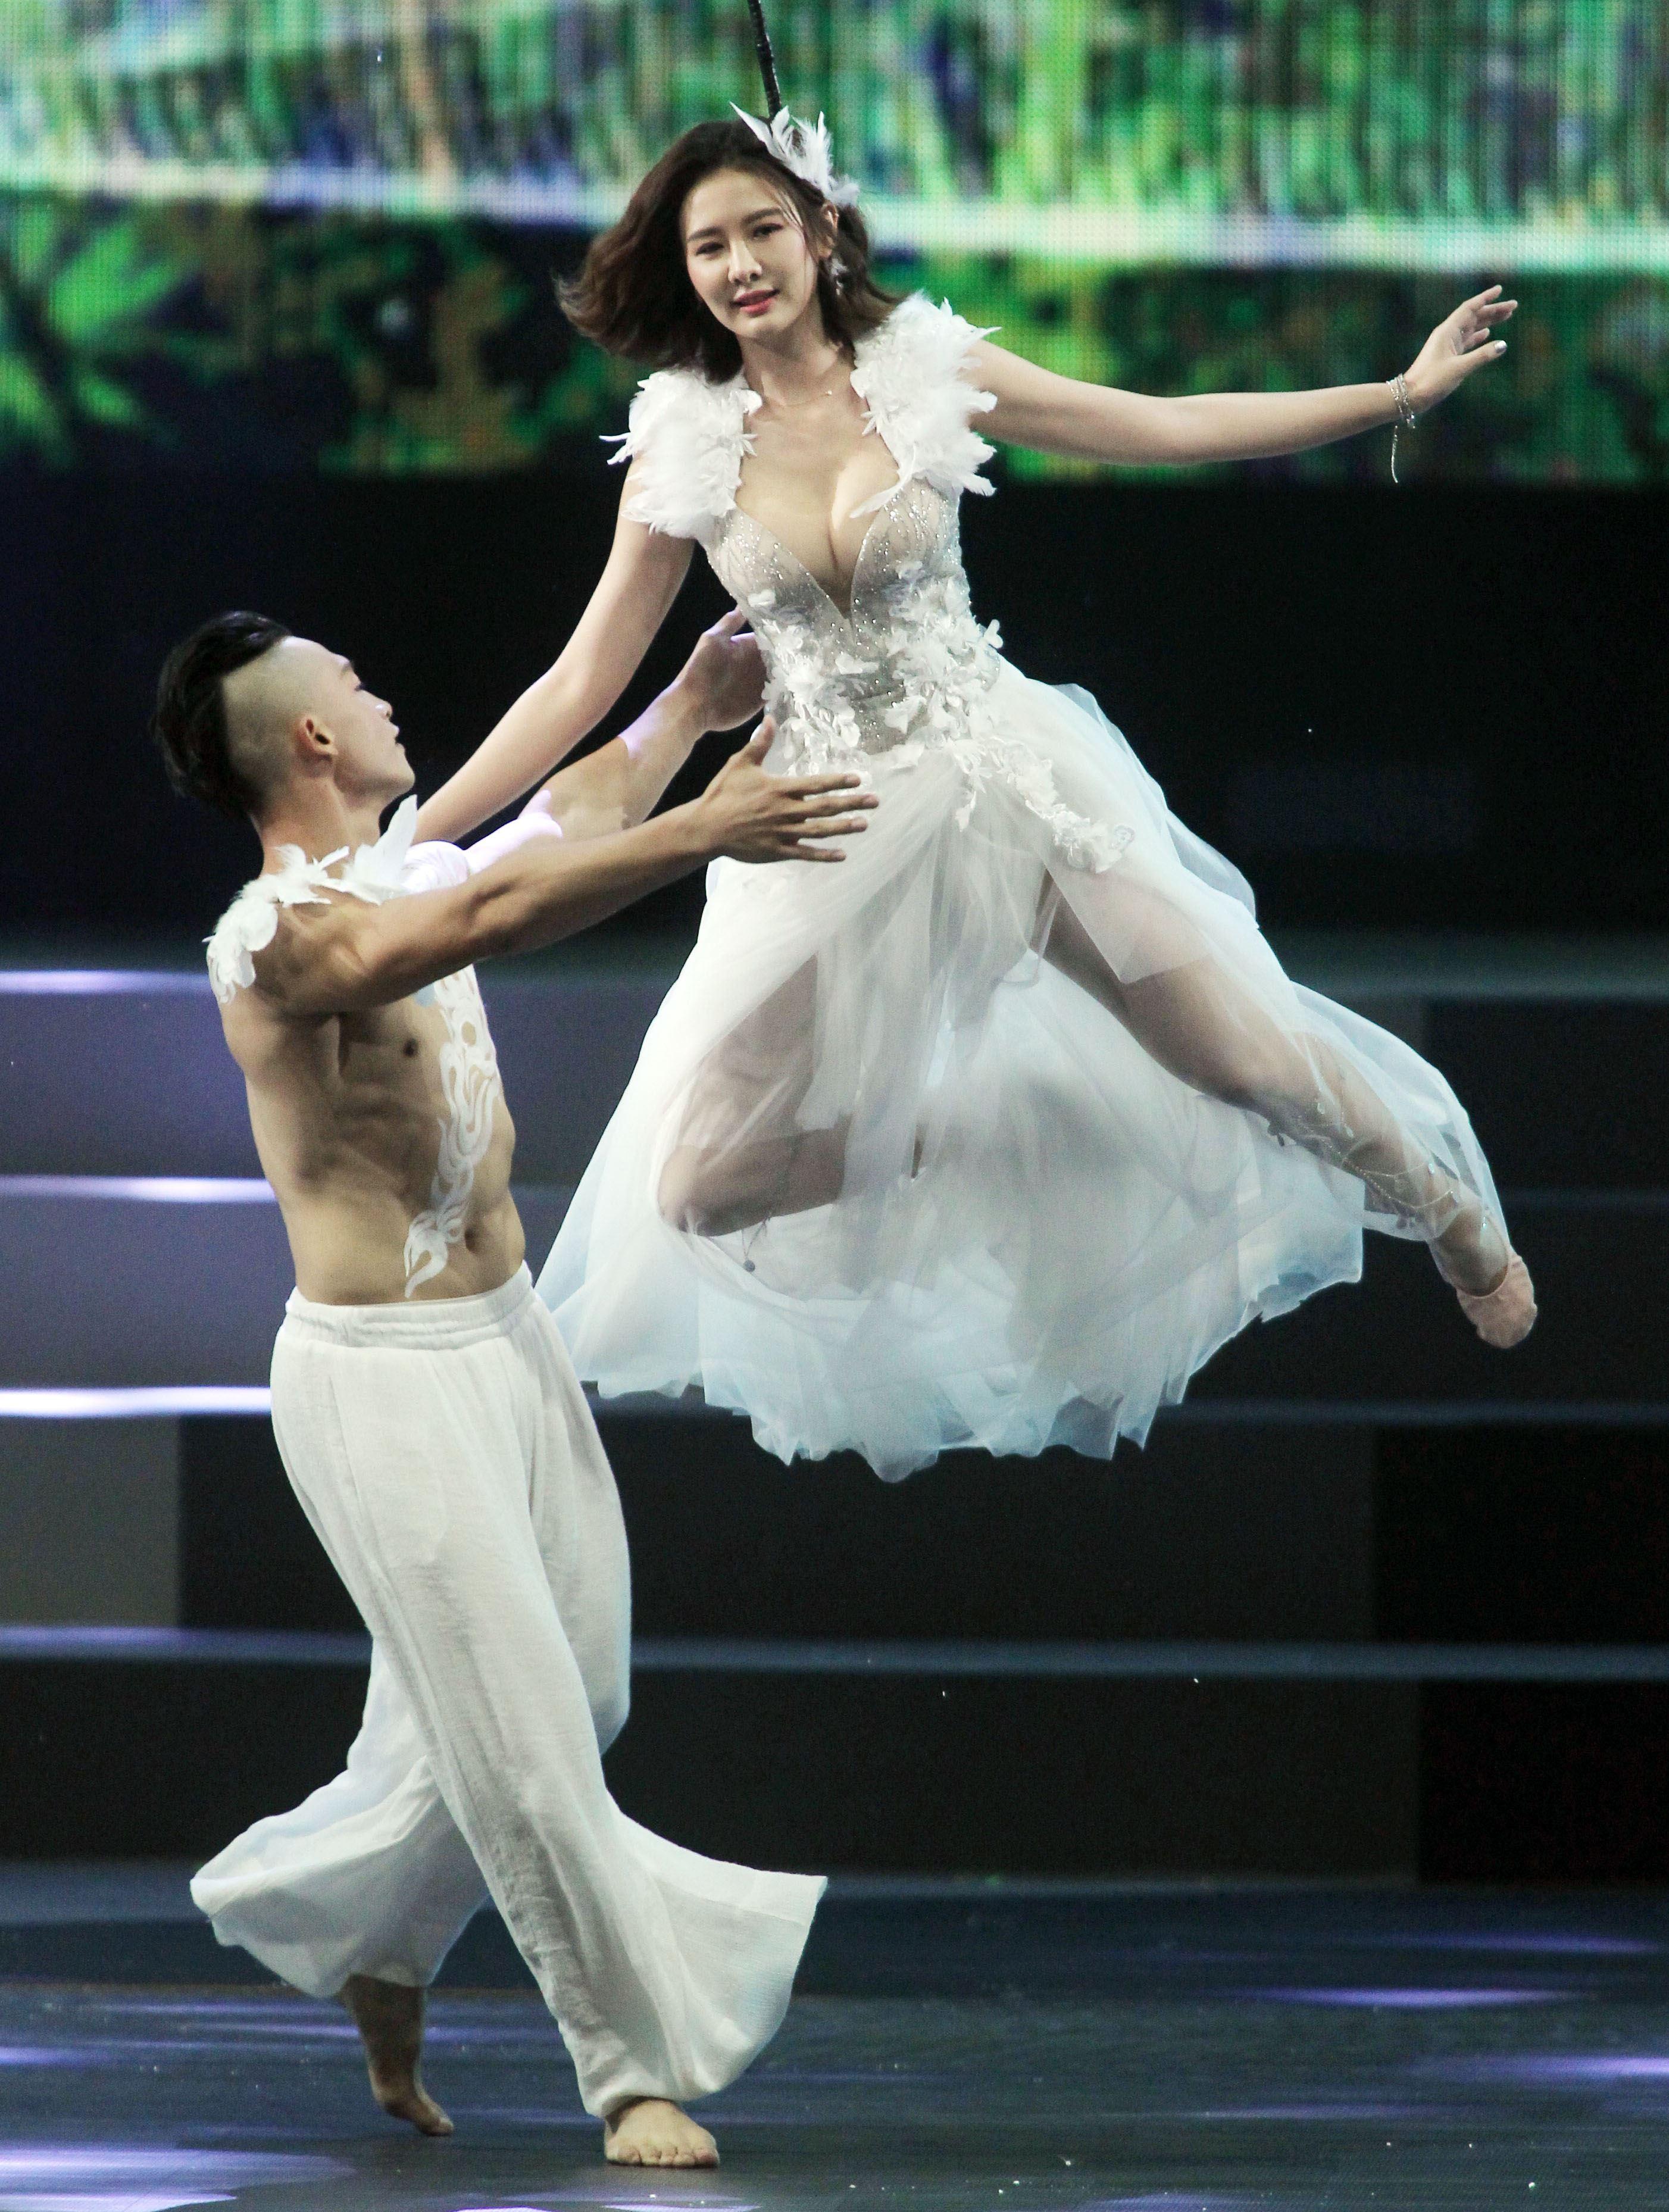 安心亞化身女神結合武術表演挑站高空特技表演。(記者邱榮吉/攝影)